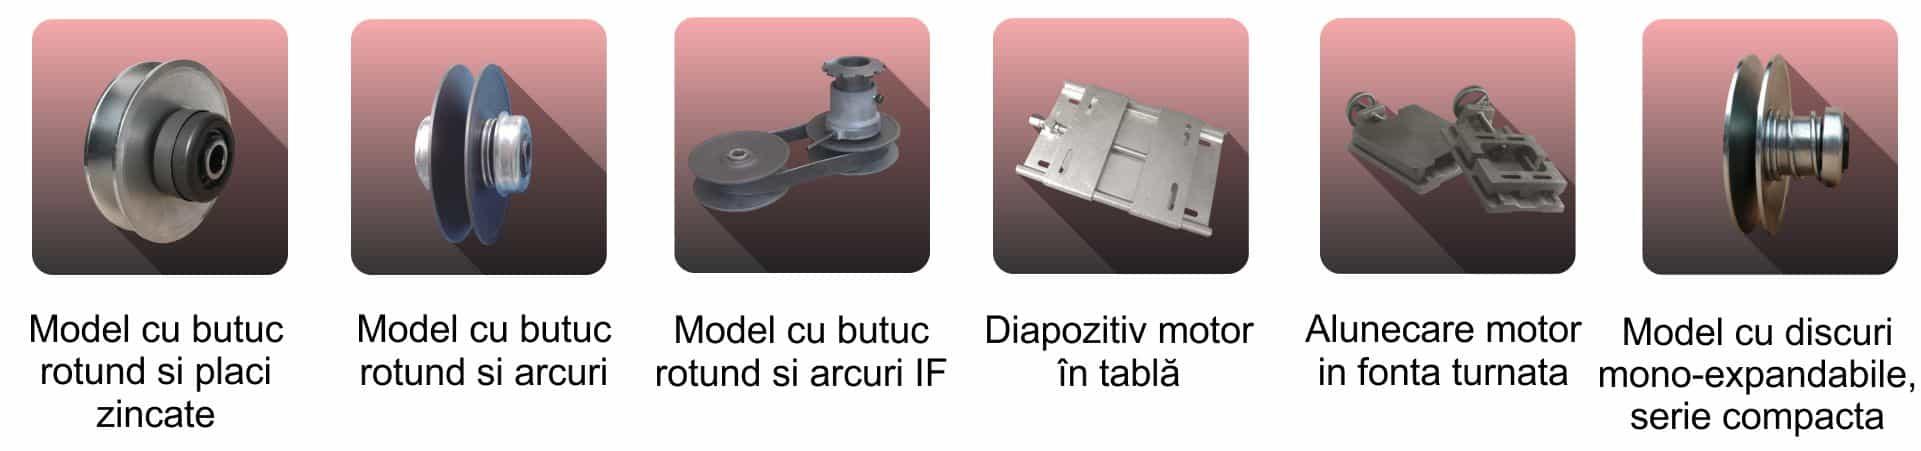 Scripete variabile și diapozitive motoare - Proconsil Grup Iasi